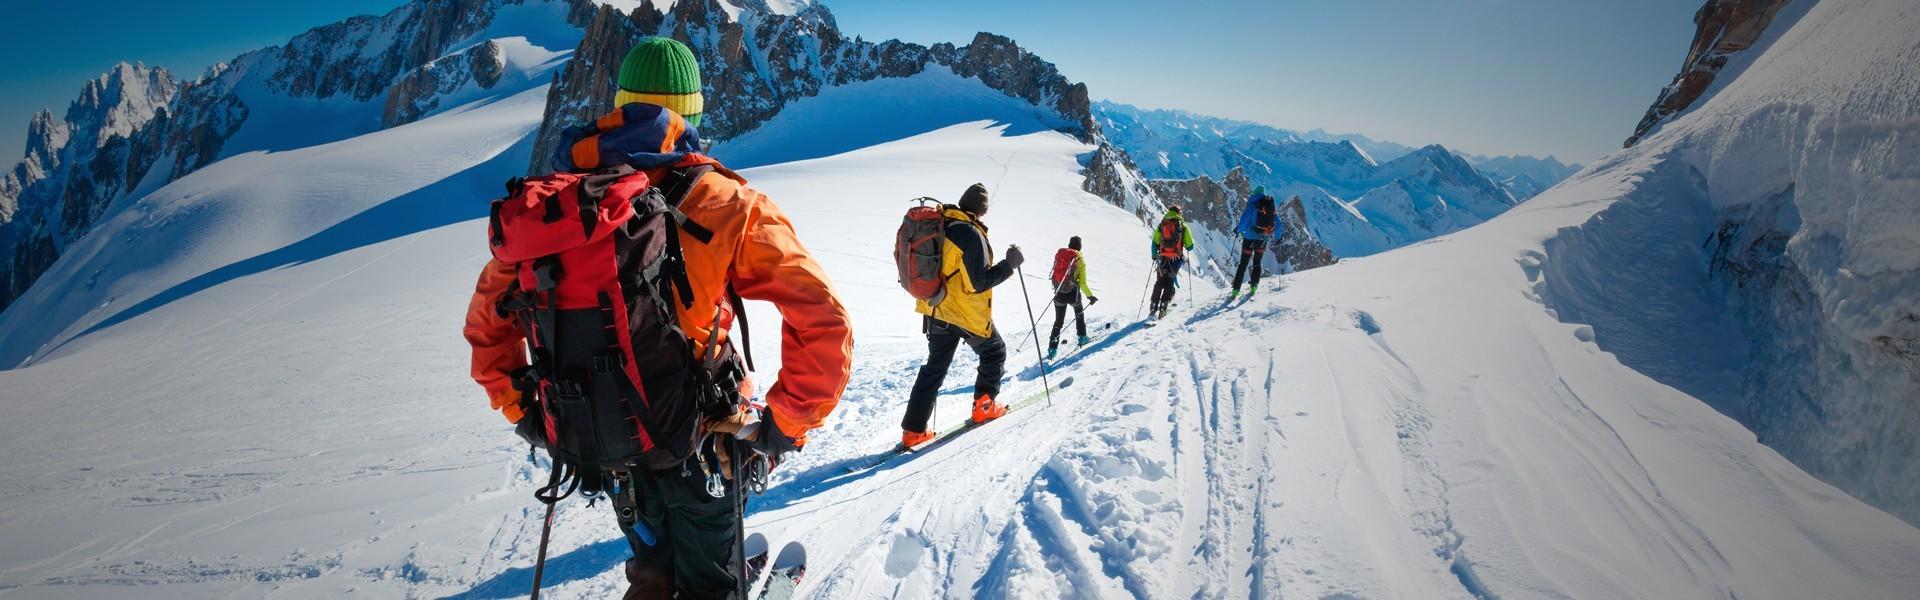 Abbigliamento Sci alpinismo